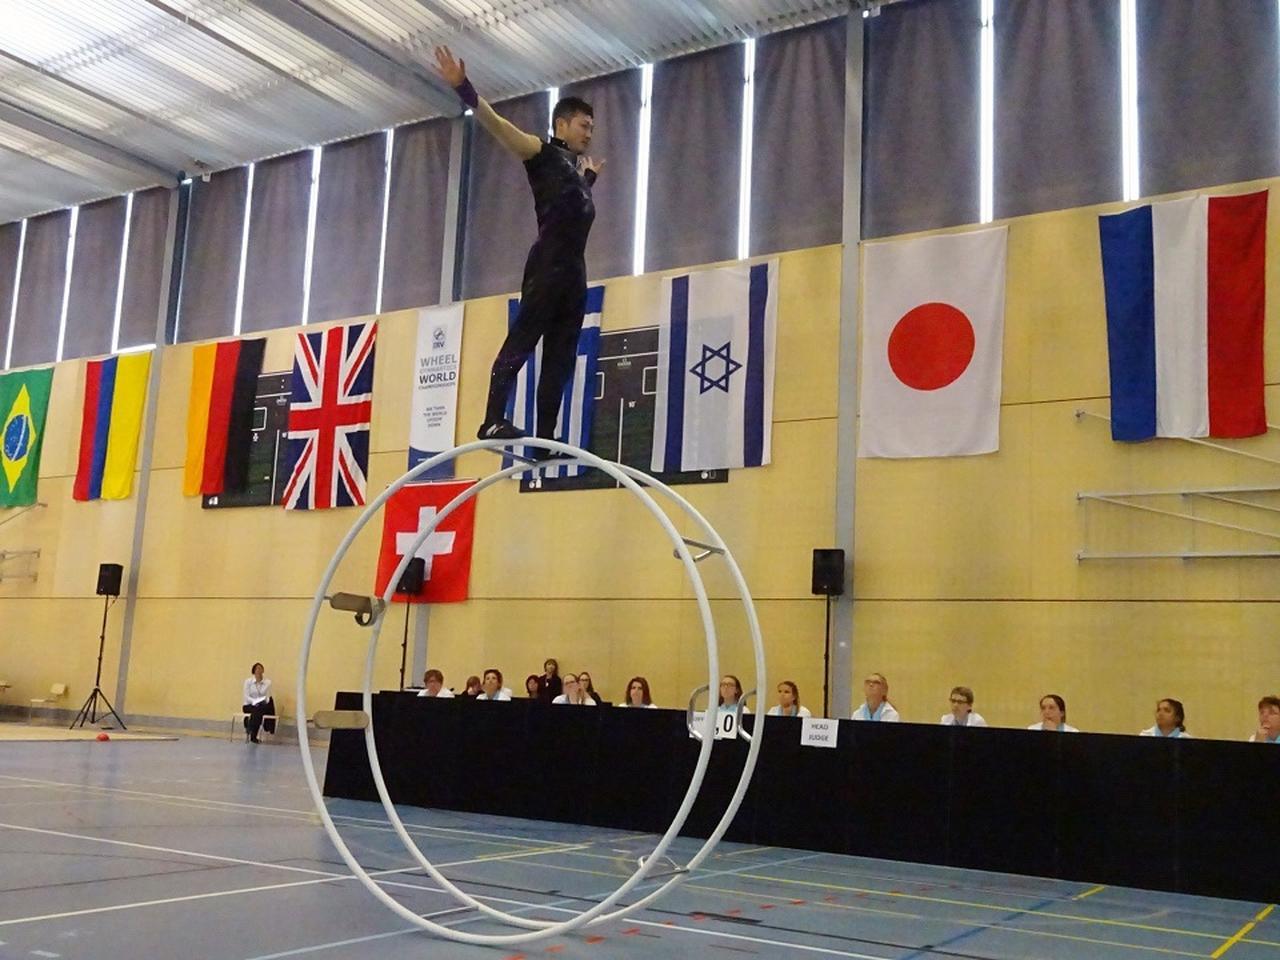 Images : 3番目の画像 - 「「つねに今の自分を超えたい」 ラート競技の世界一に輝く 髙橋靖彦」のアルバム - T JAPAN:The New York Times Style Magazine 公式サイト